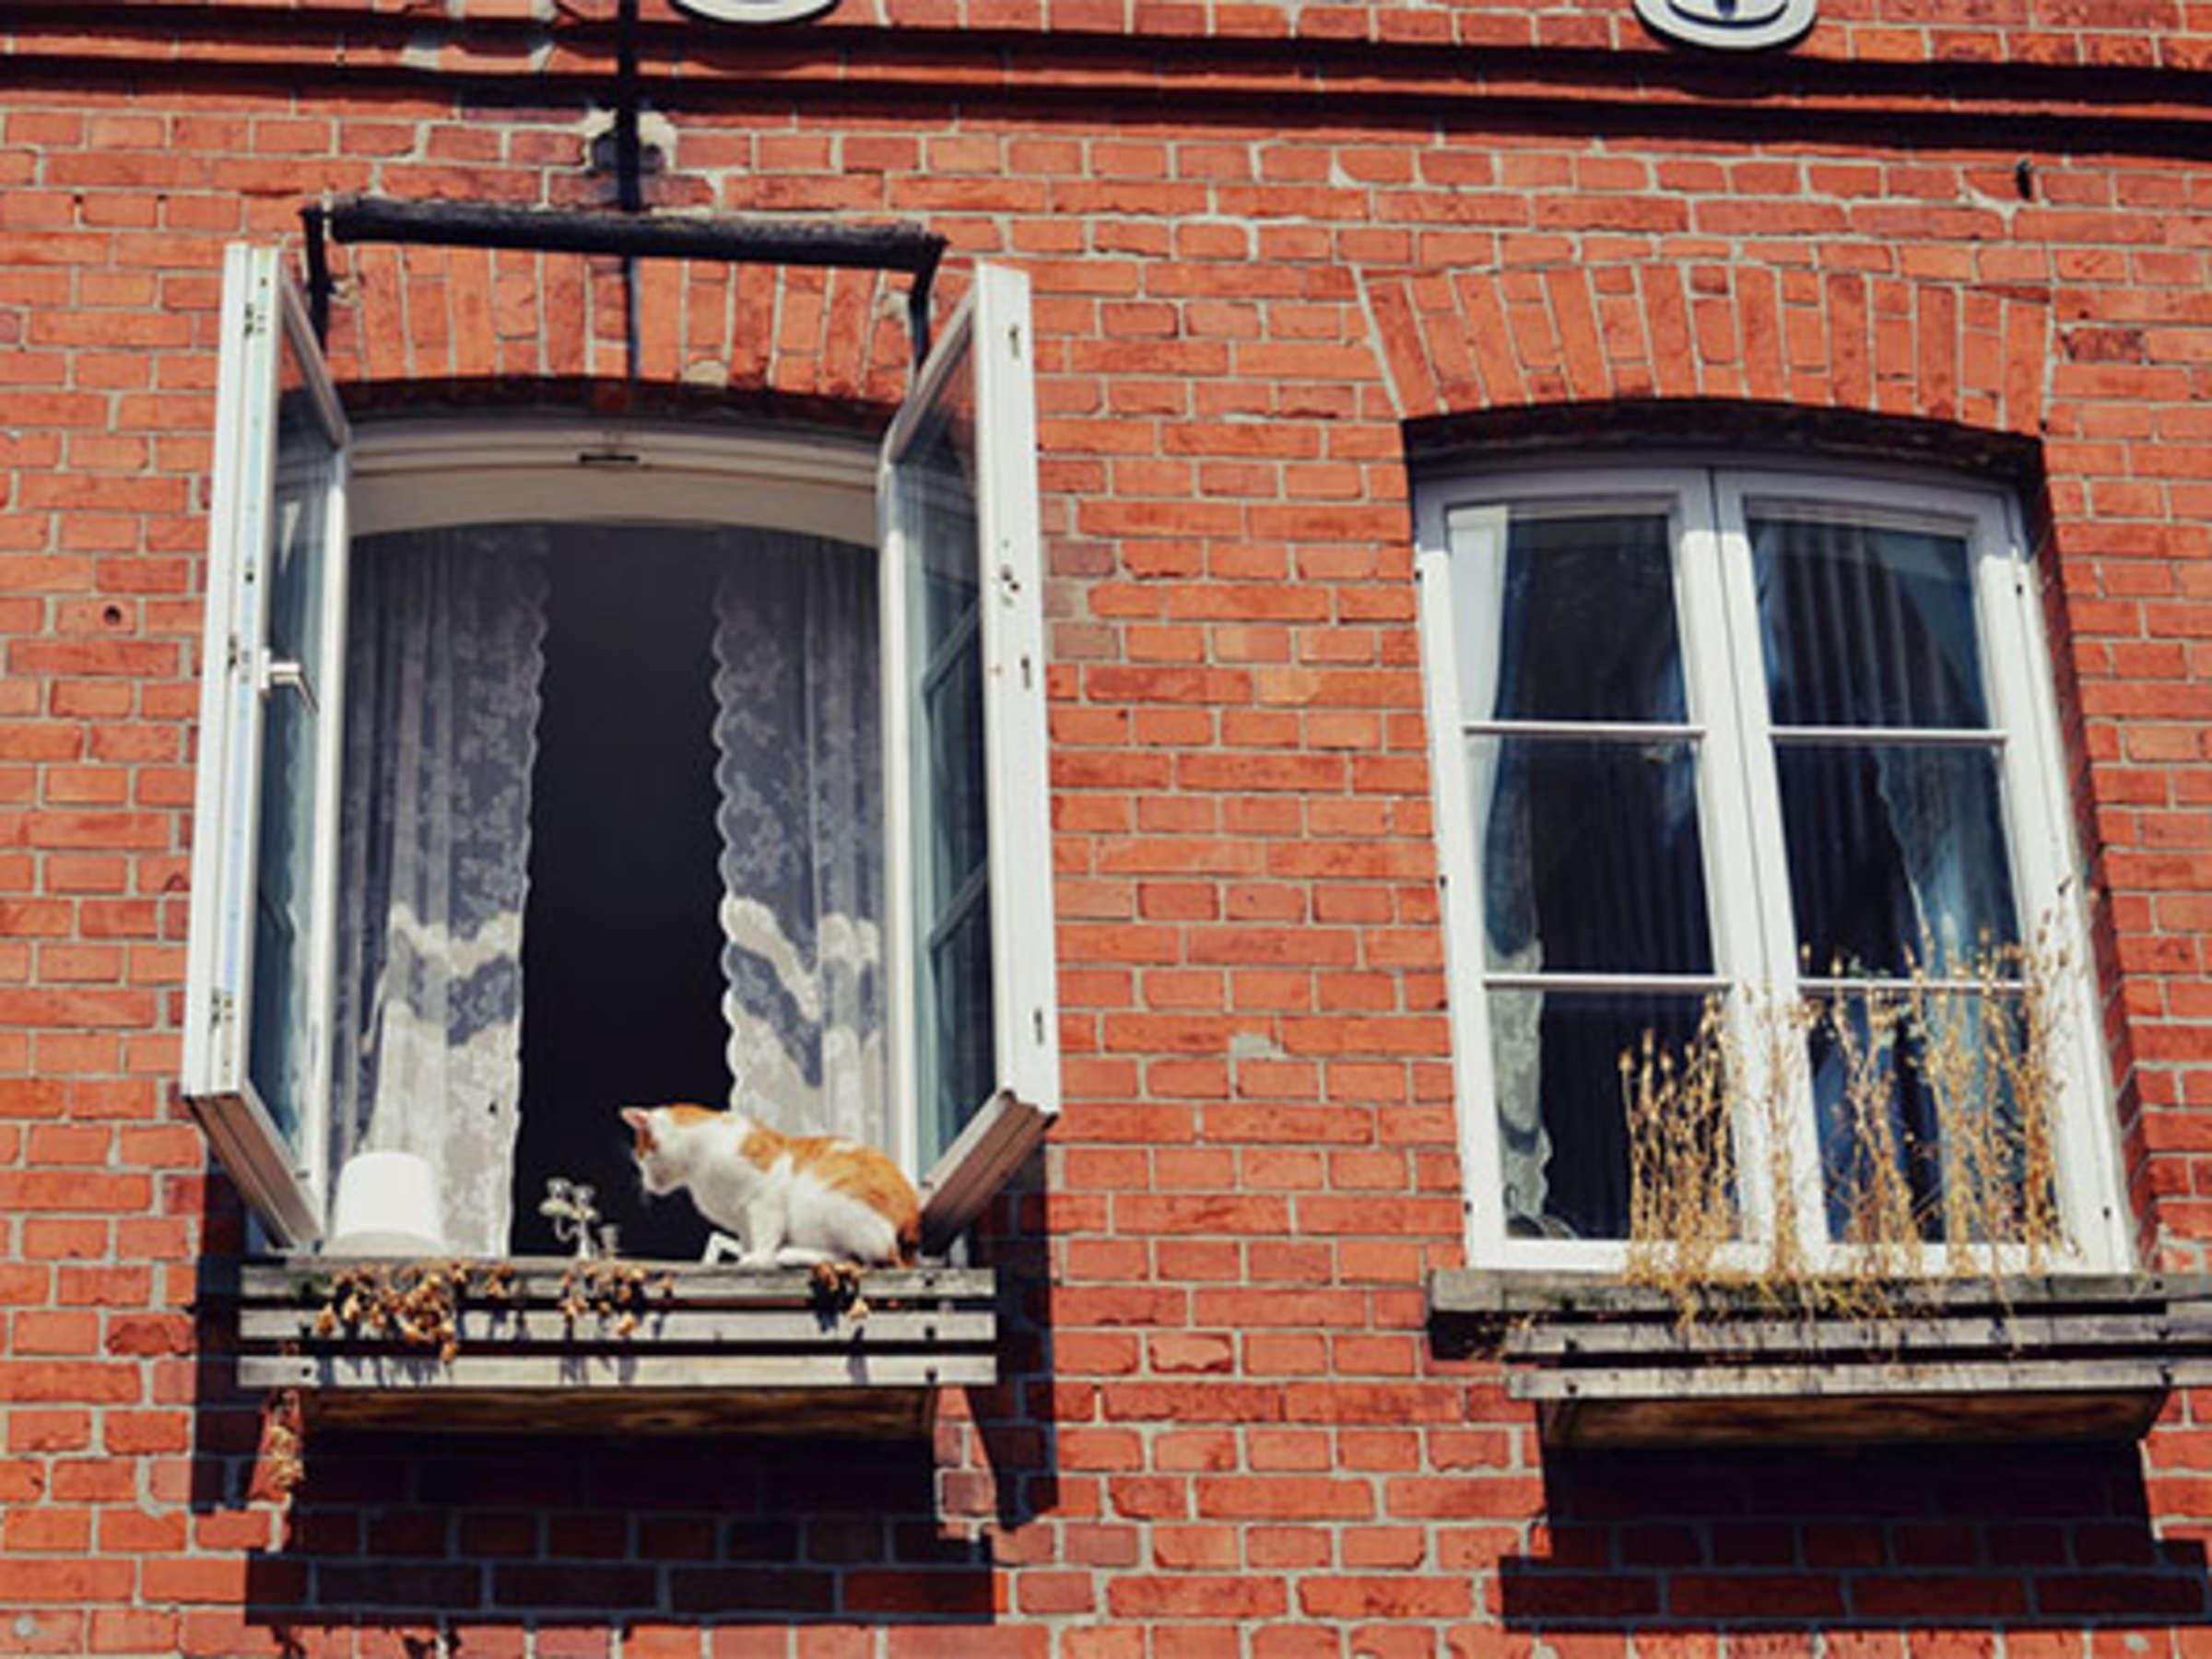 Fenster Auf Oder Zu Die Richtige Temperatur Ist Wichtig Fur Guten Schlaf Leben